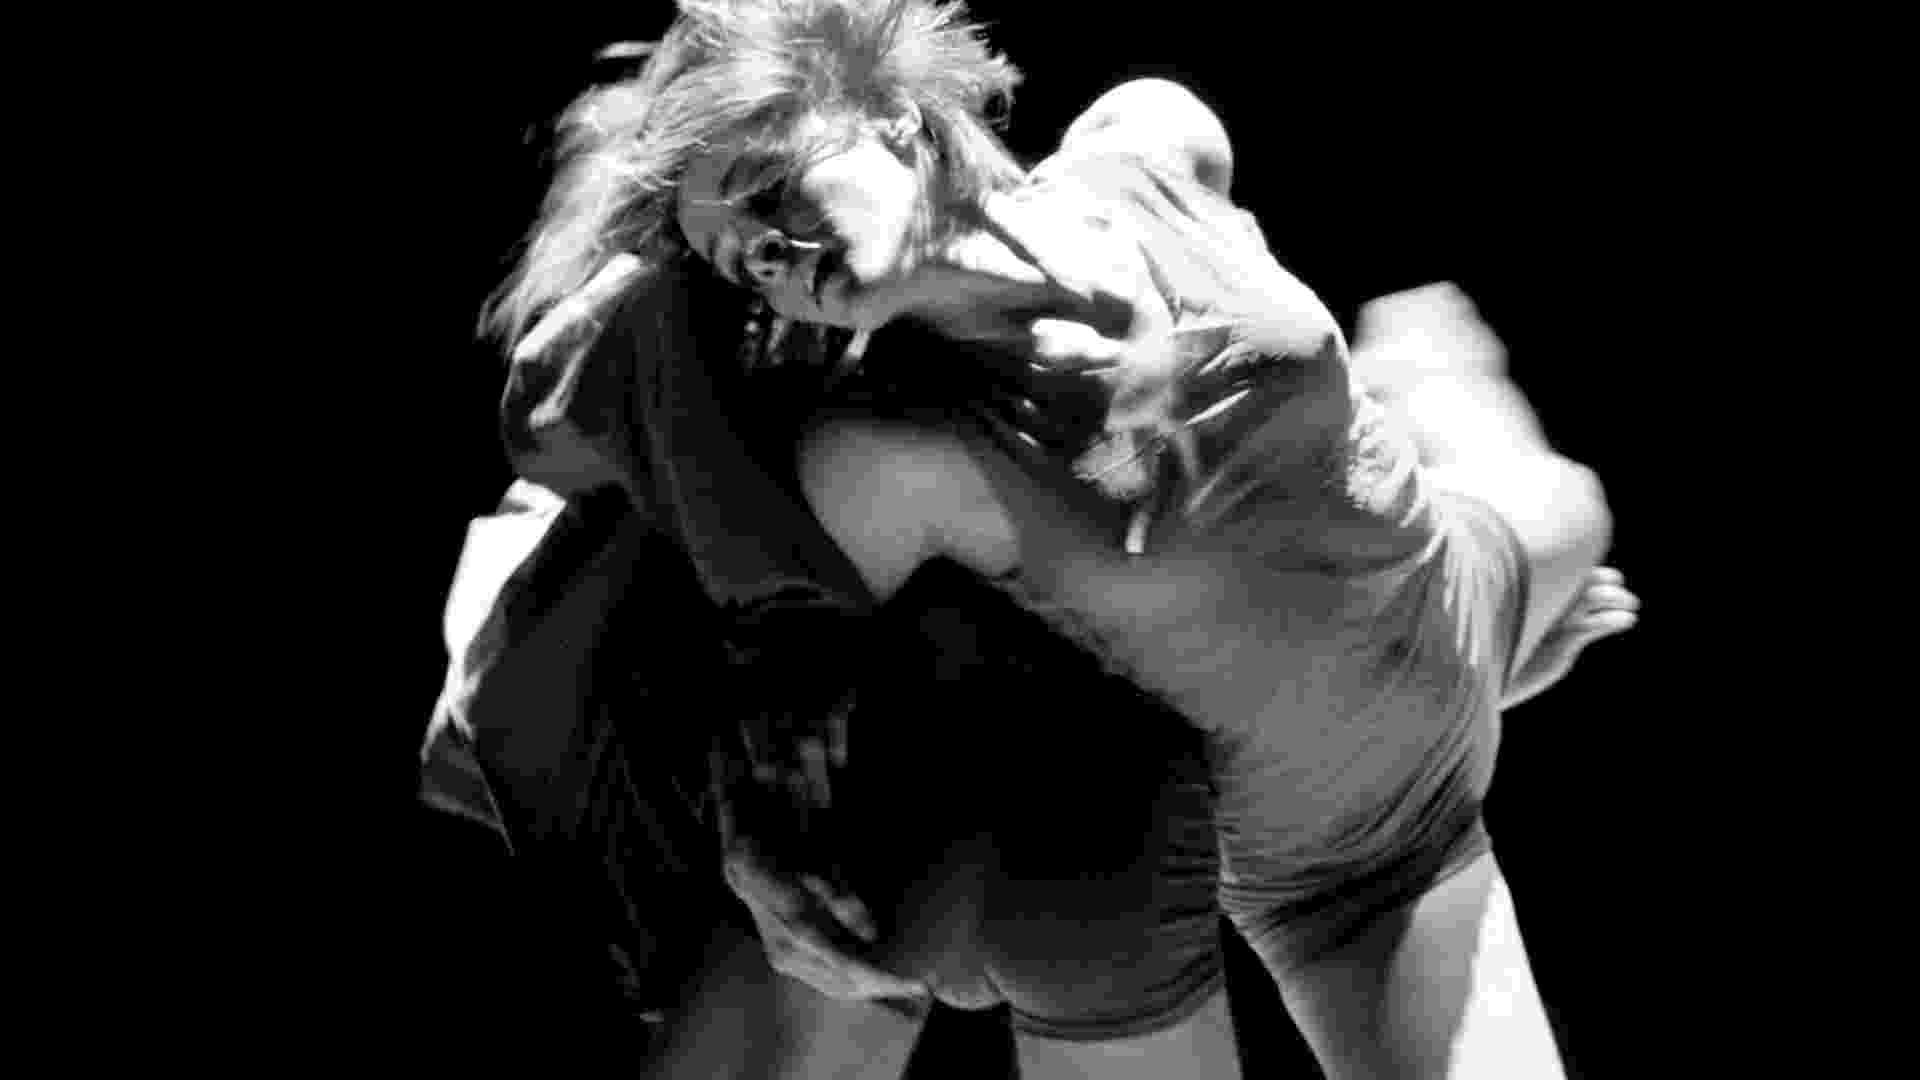 """Quasar Cia. de Dança apresenta o espetáculo """"Céu na Boca"""" em São Paulo em 8 e 9 de março - Lu Barcelos/Divulgação"""